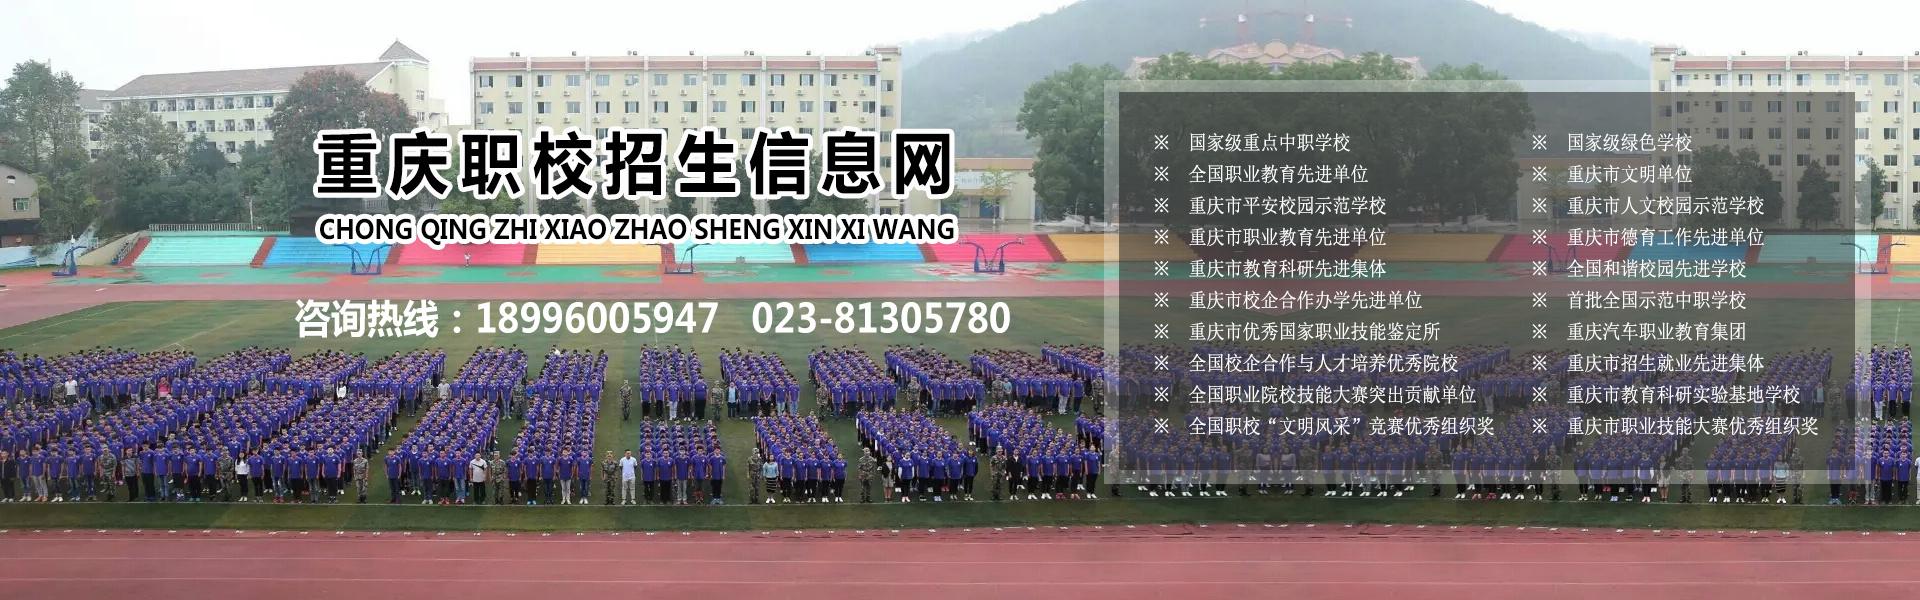 重庆职业技术学院招生合作单位导航图